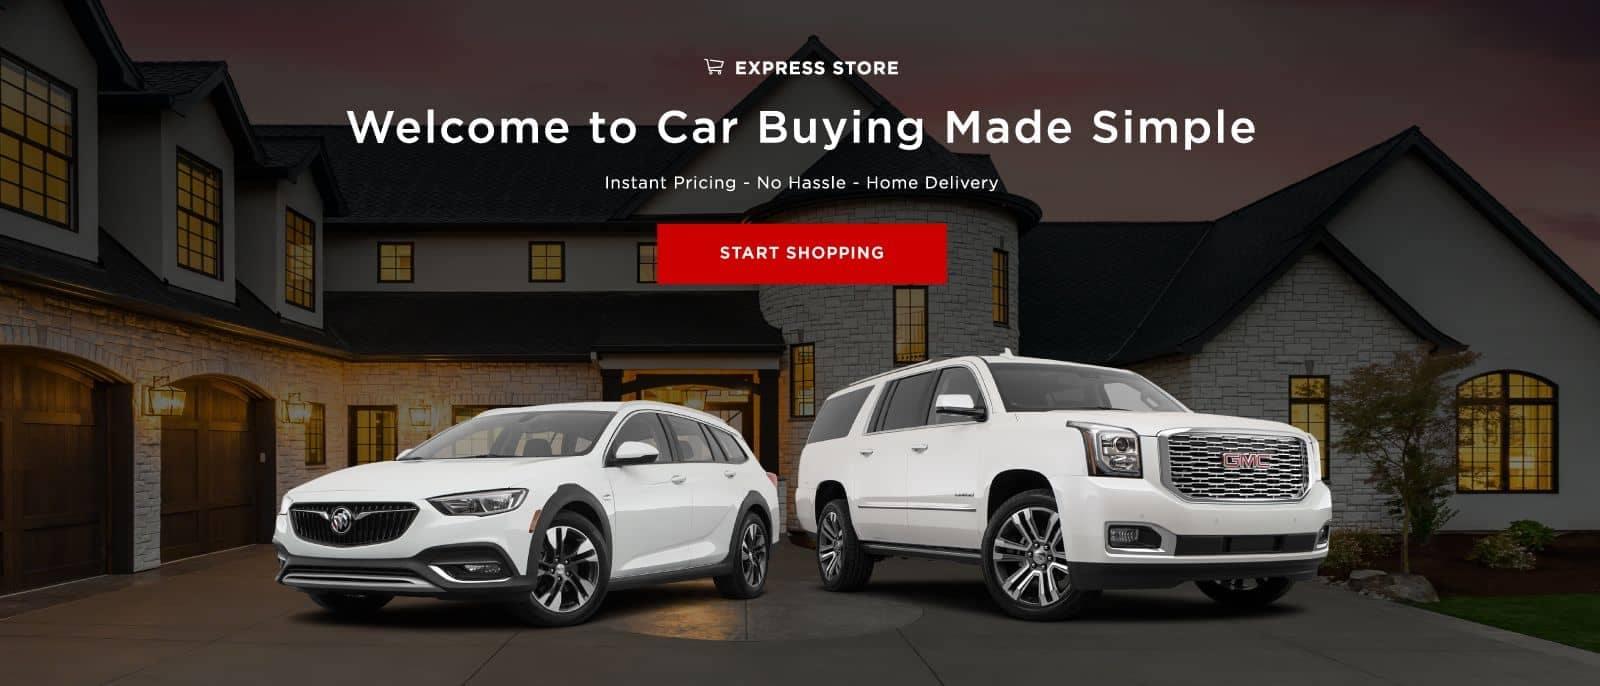 Express Store start buying banner